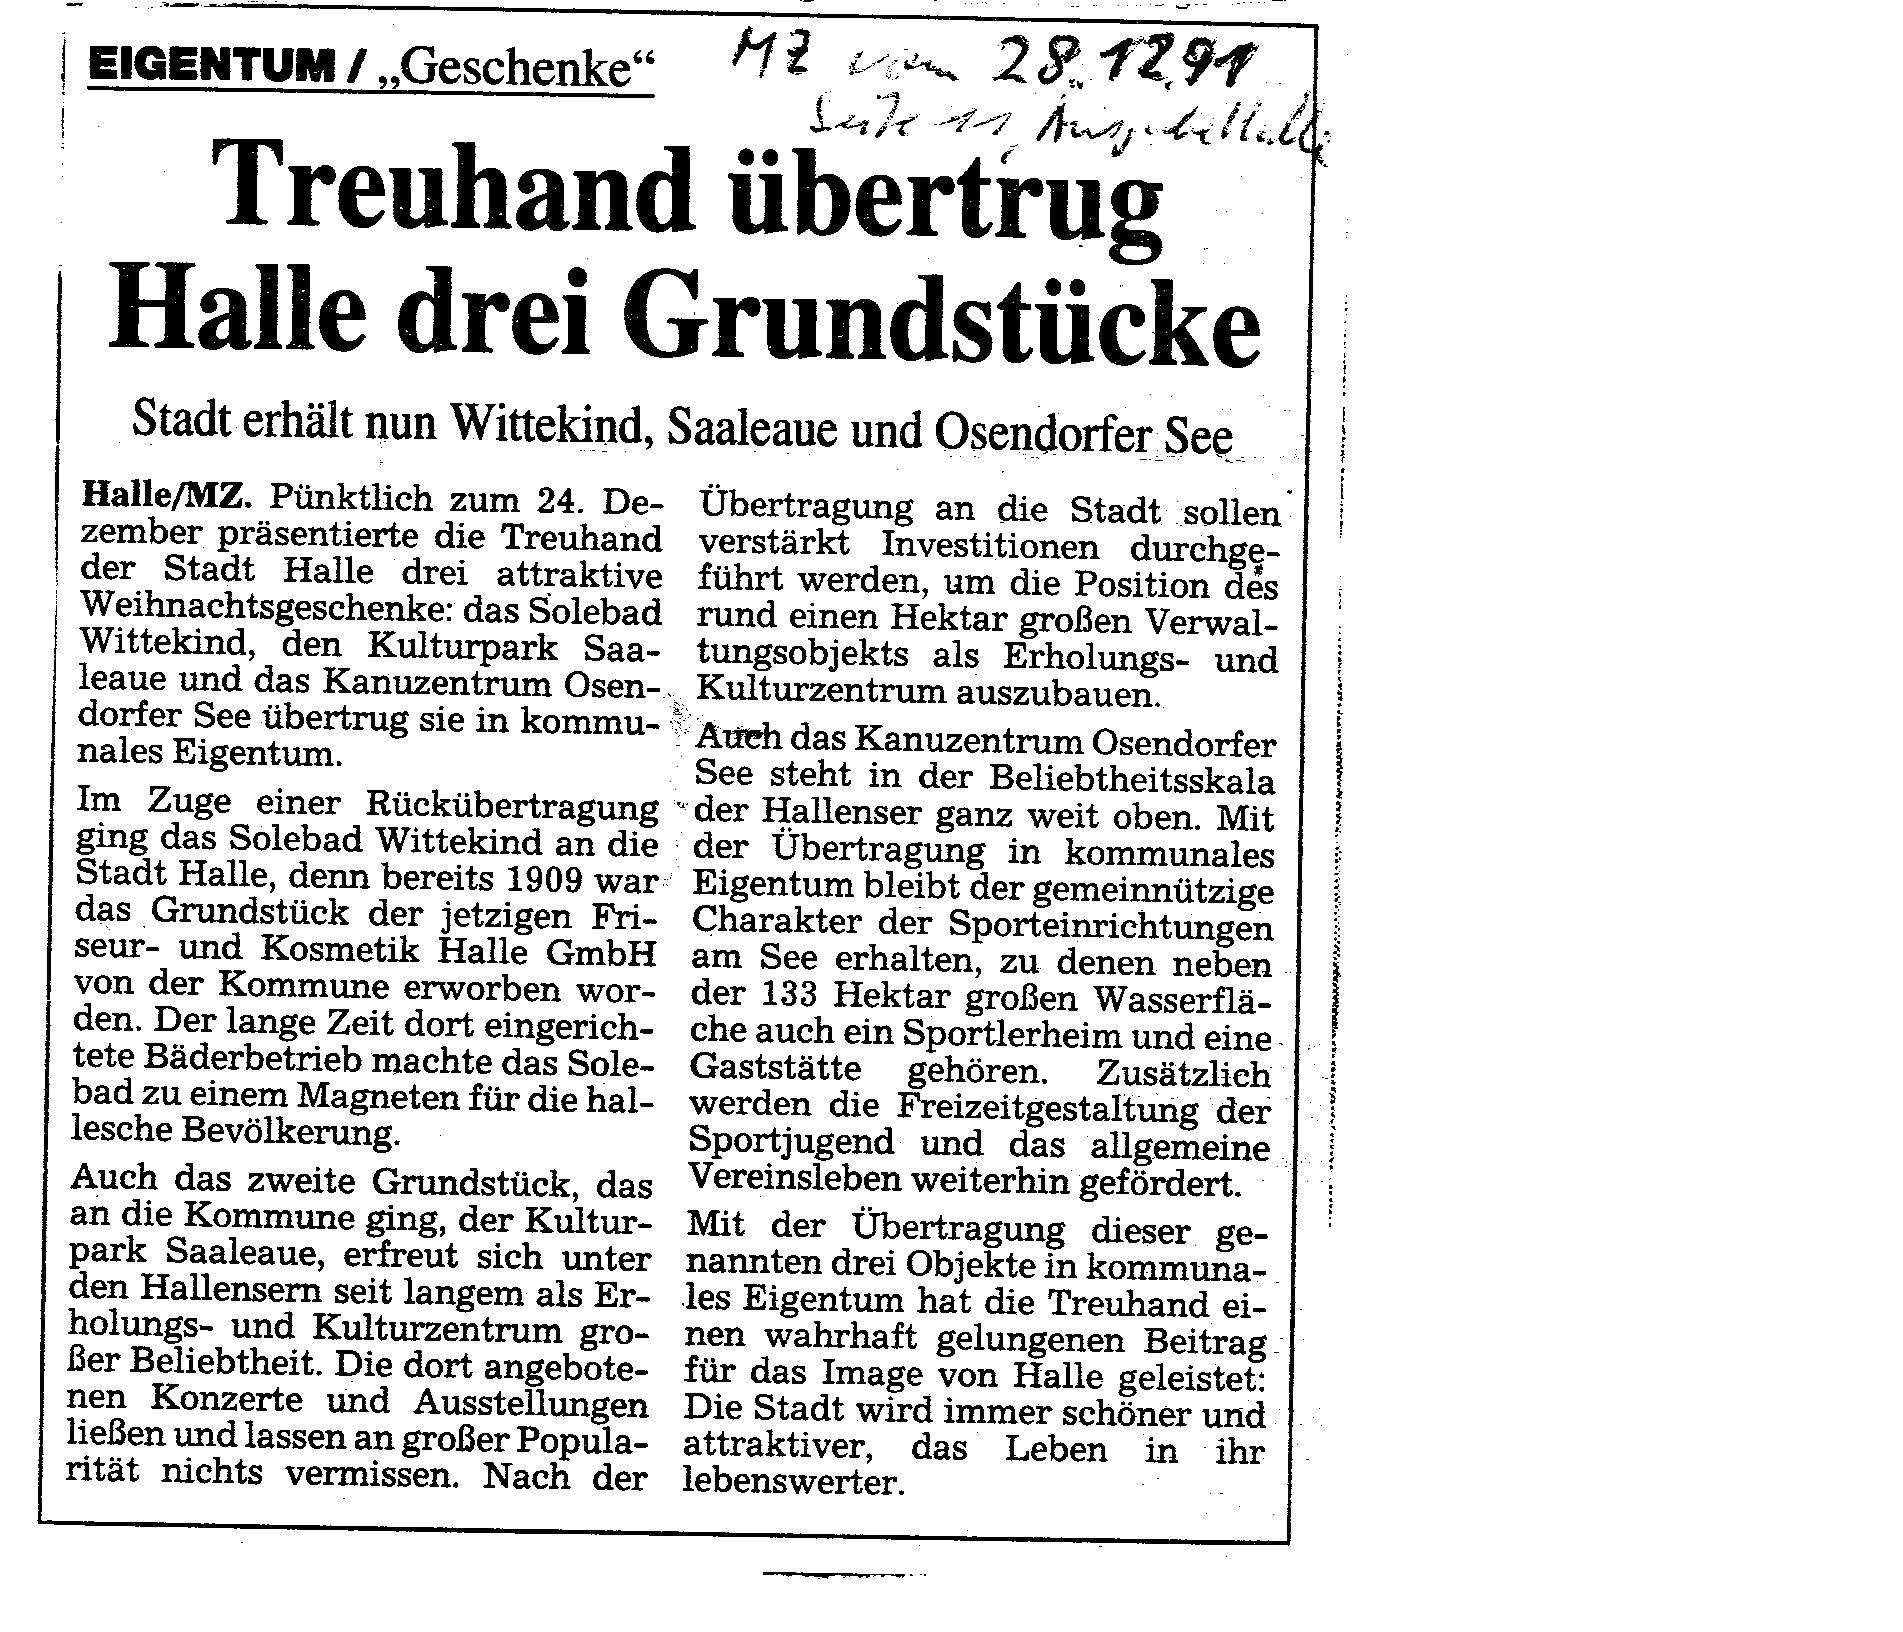 1991-12-28 MZ Treuhand übertrug Halle deri Grundstücke